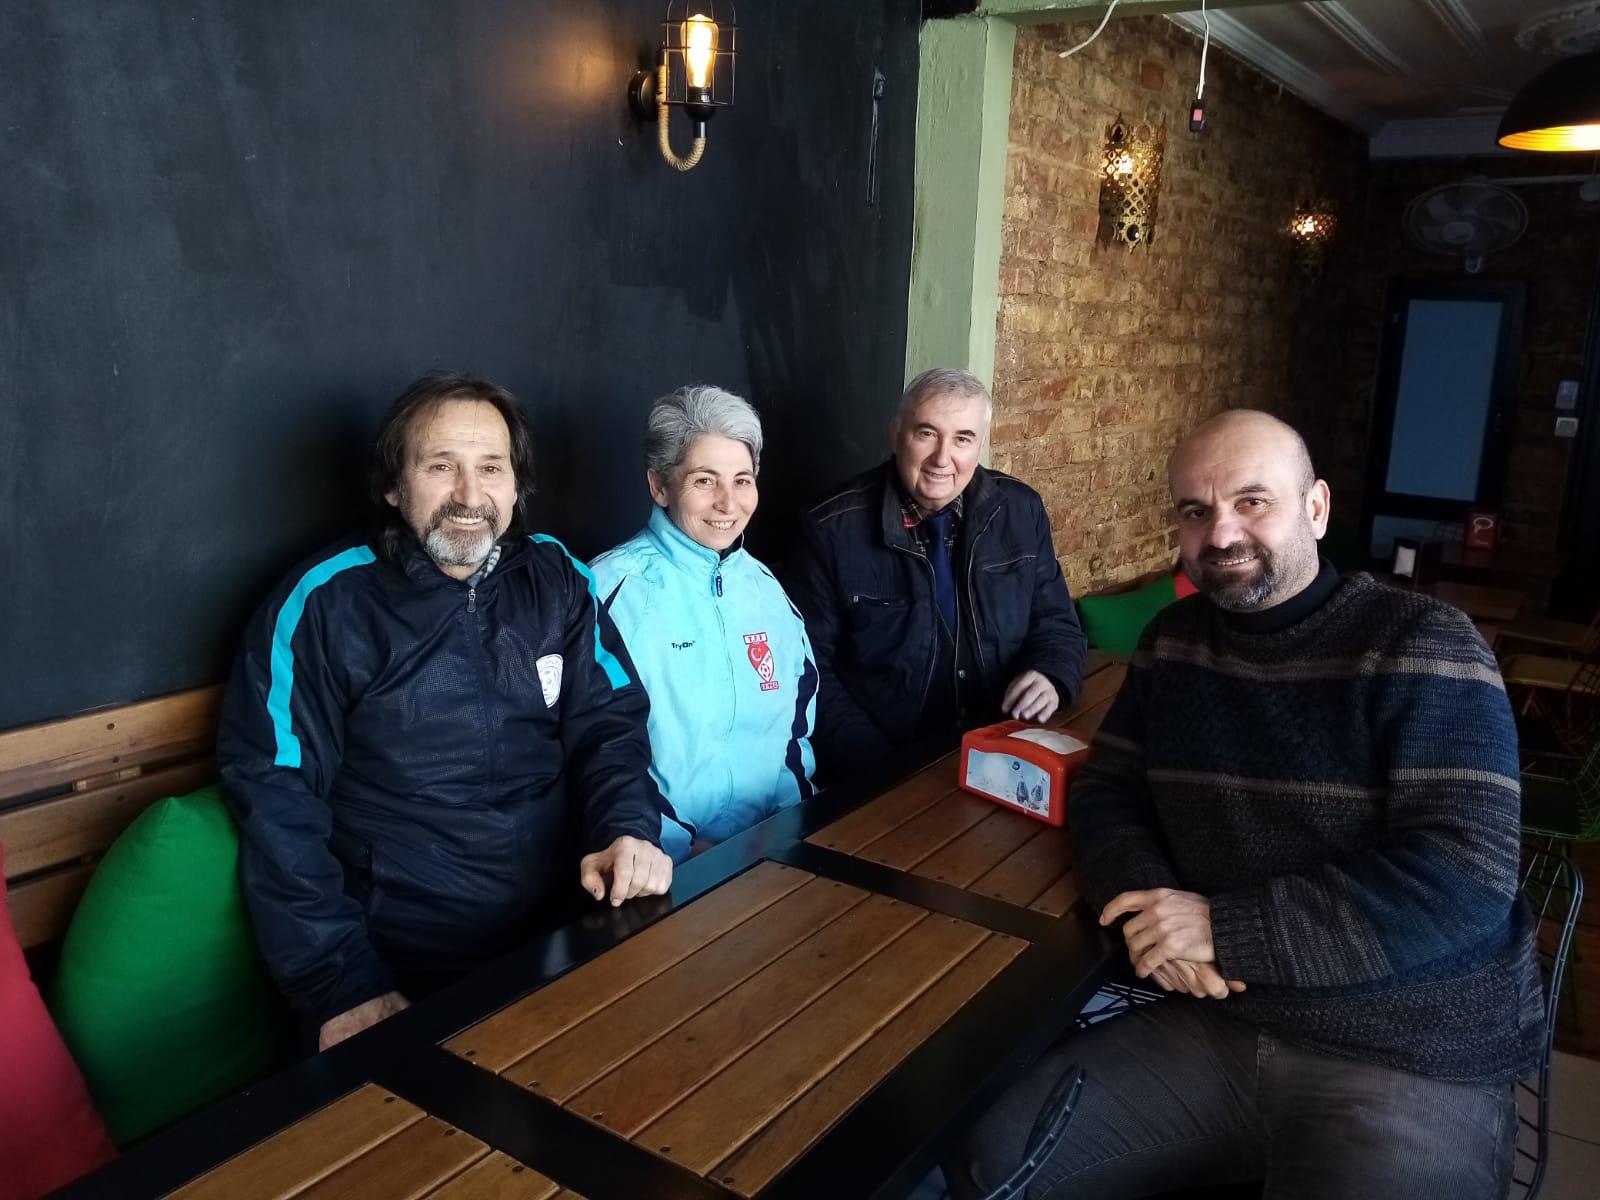 Kadıköy Çarşıspor Bayan Futbol Takımı kurulması çalışmaları tamamlandı